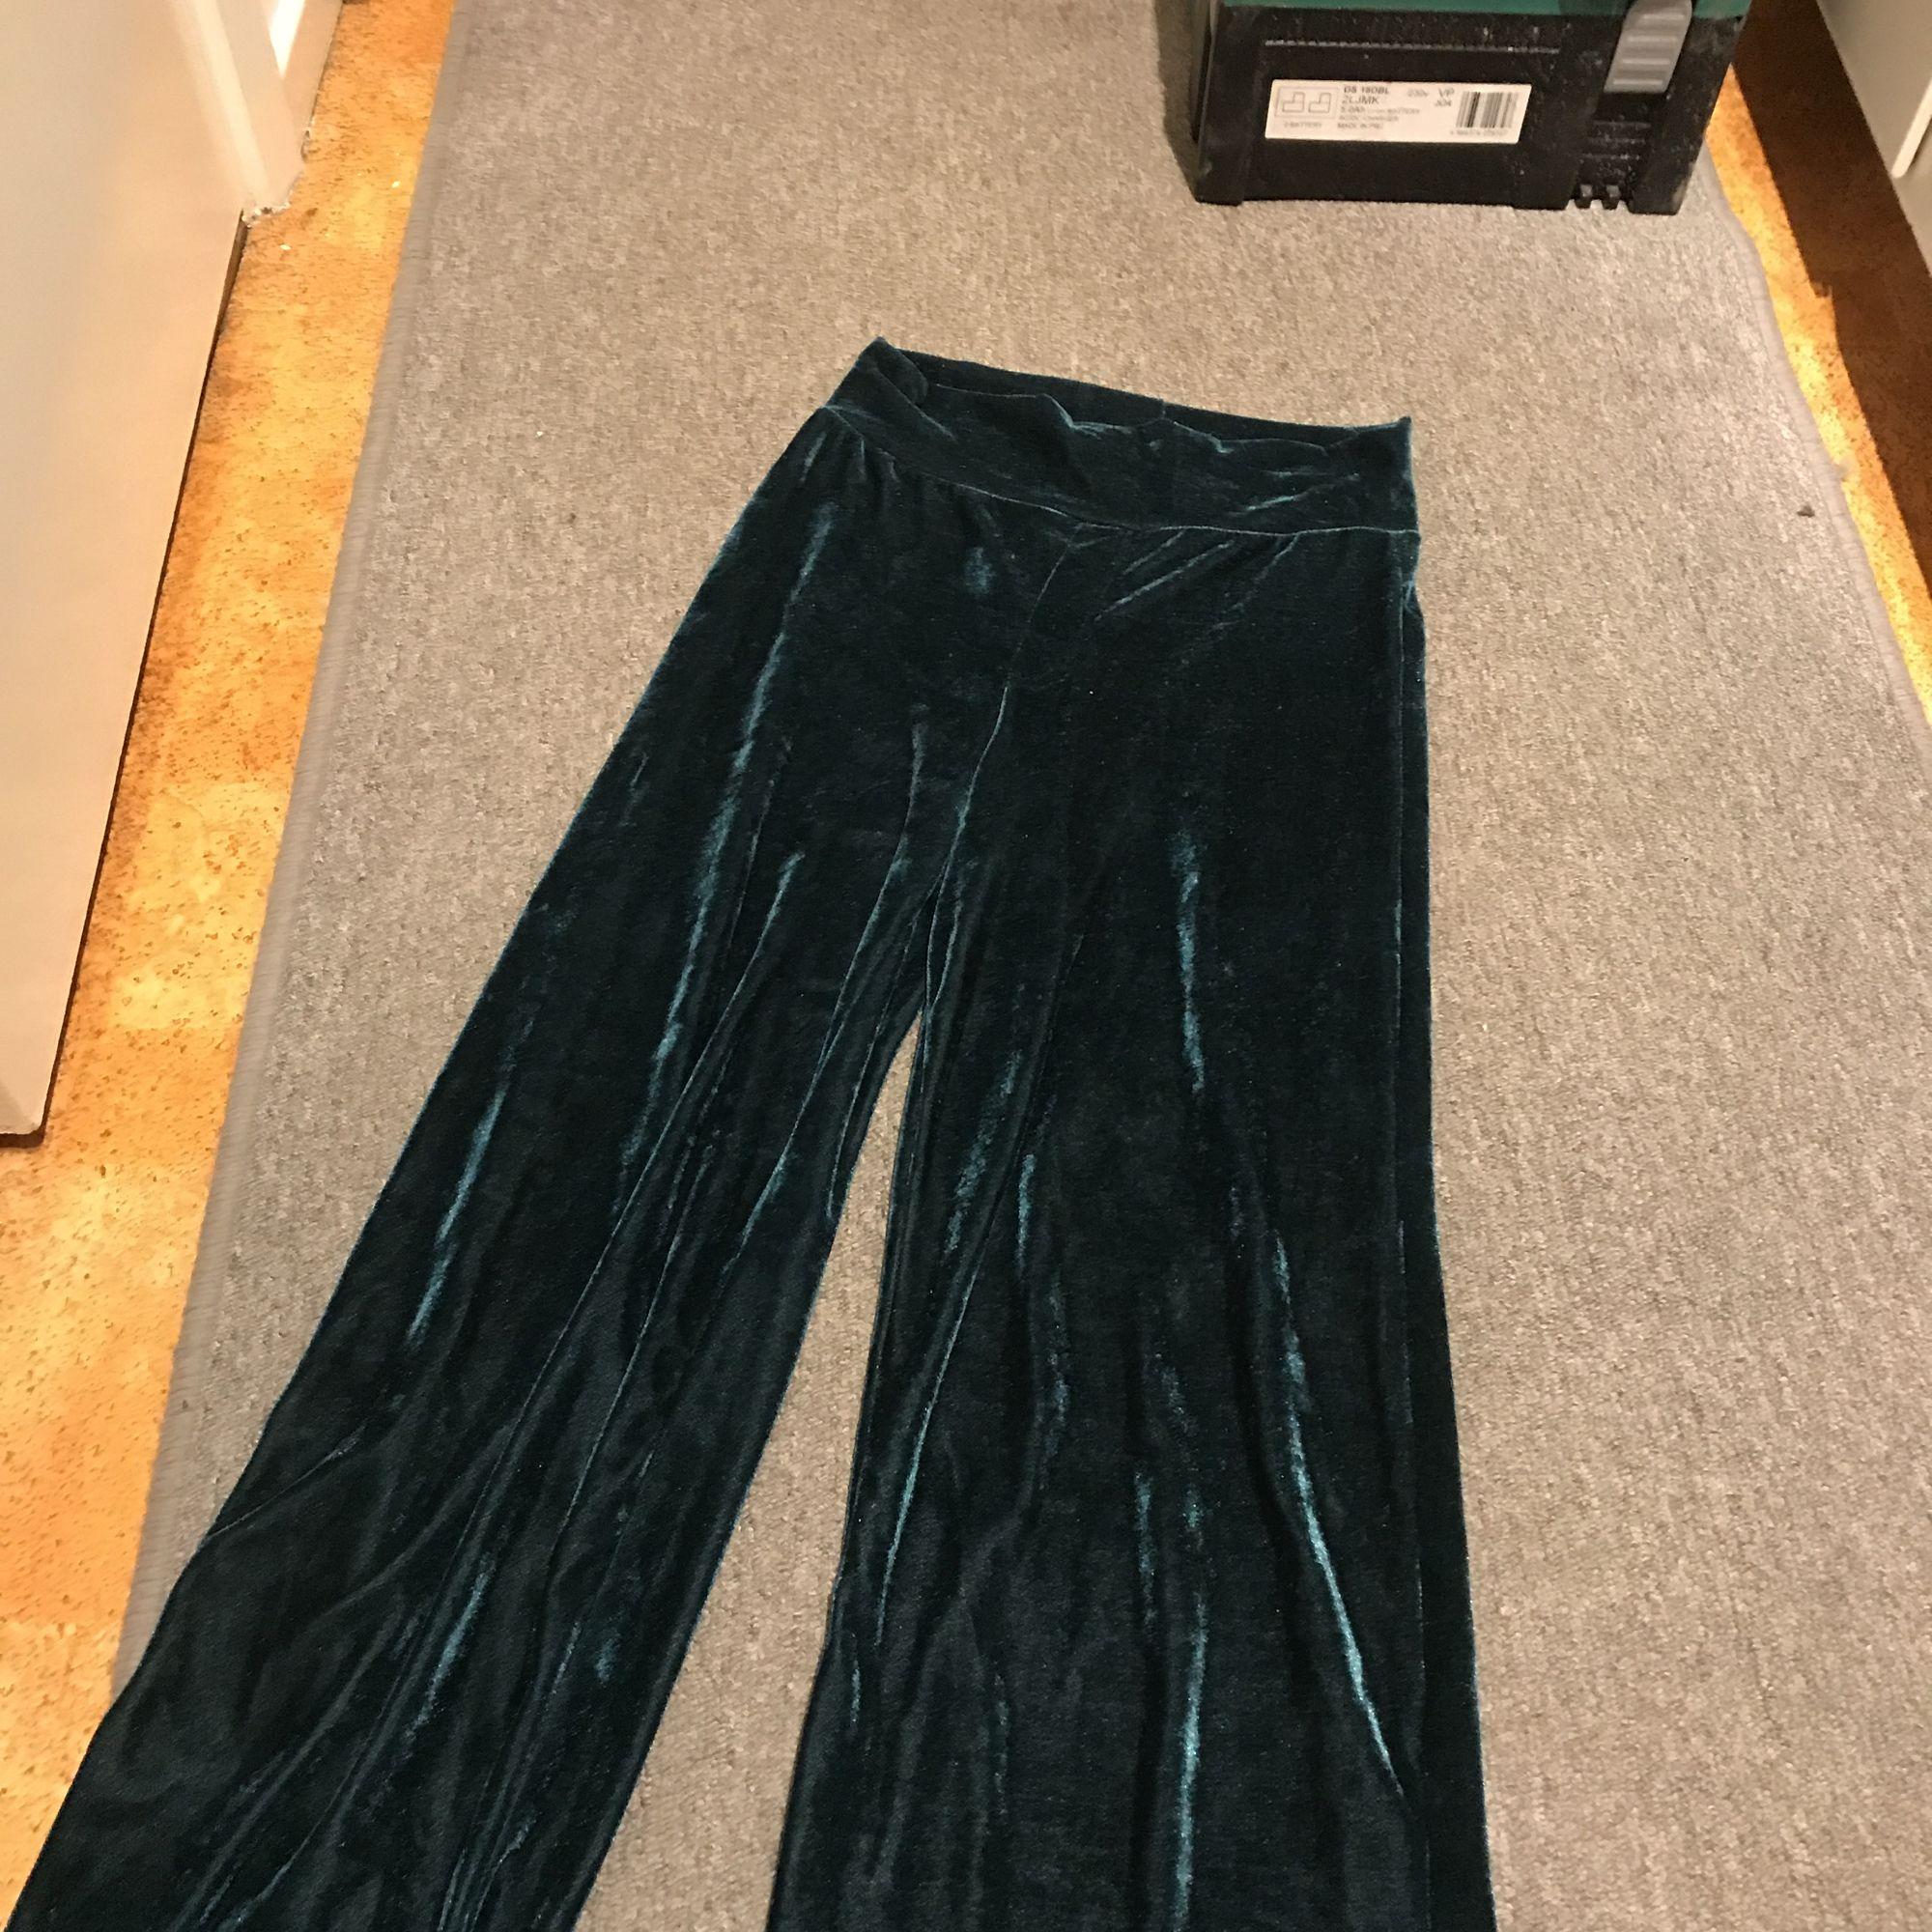 Gröna vida sammetsbyxor från BikBok. Supersköna och väldigt härlig färg. .  Jeans   Byxor ... 0a6bff88cec5a